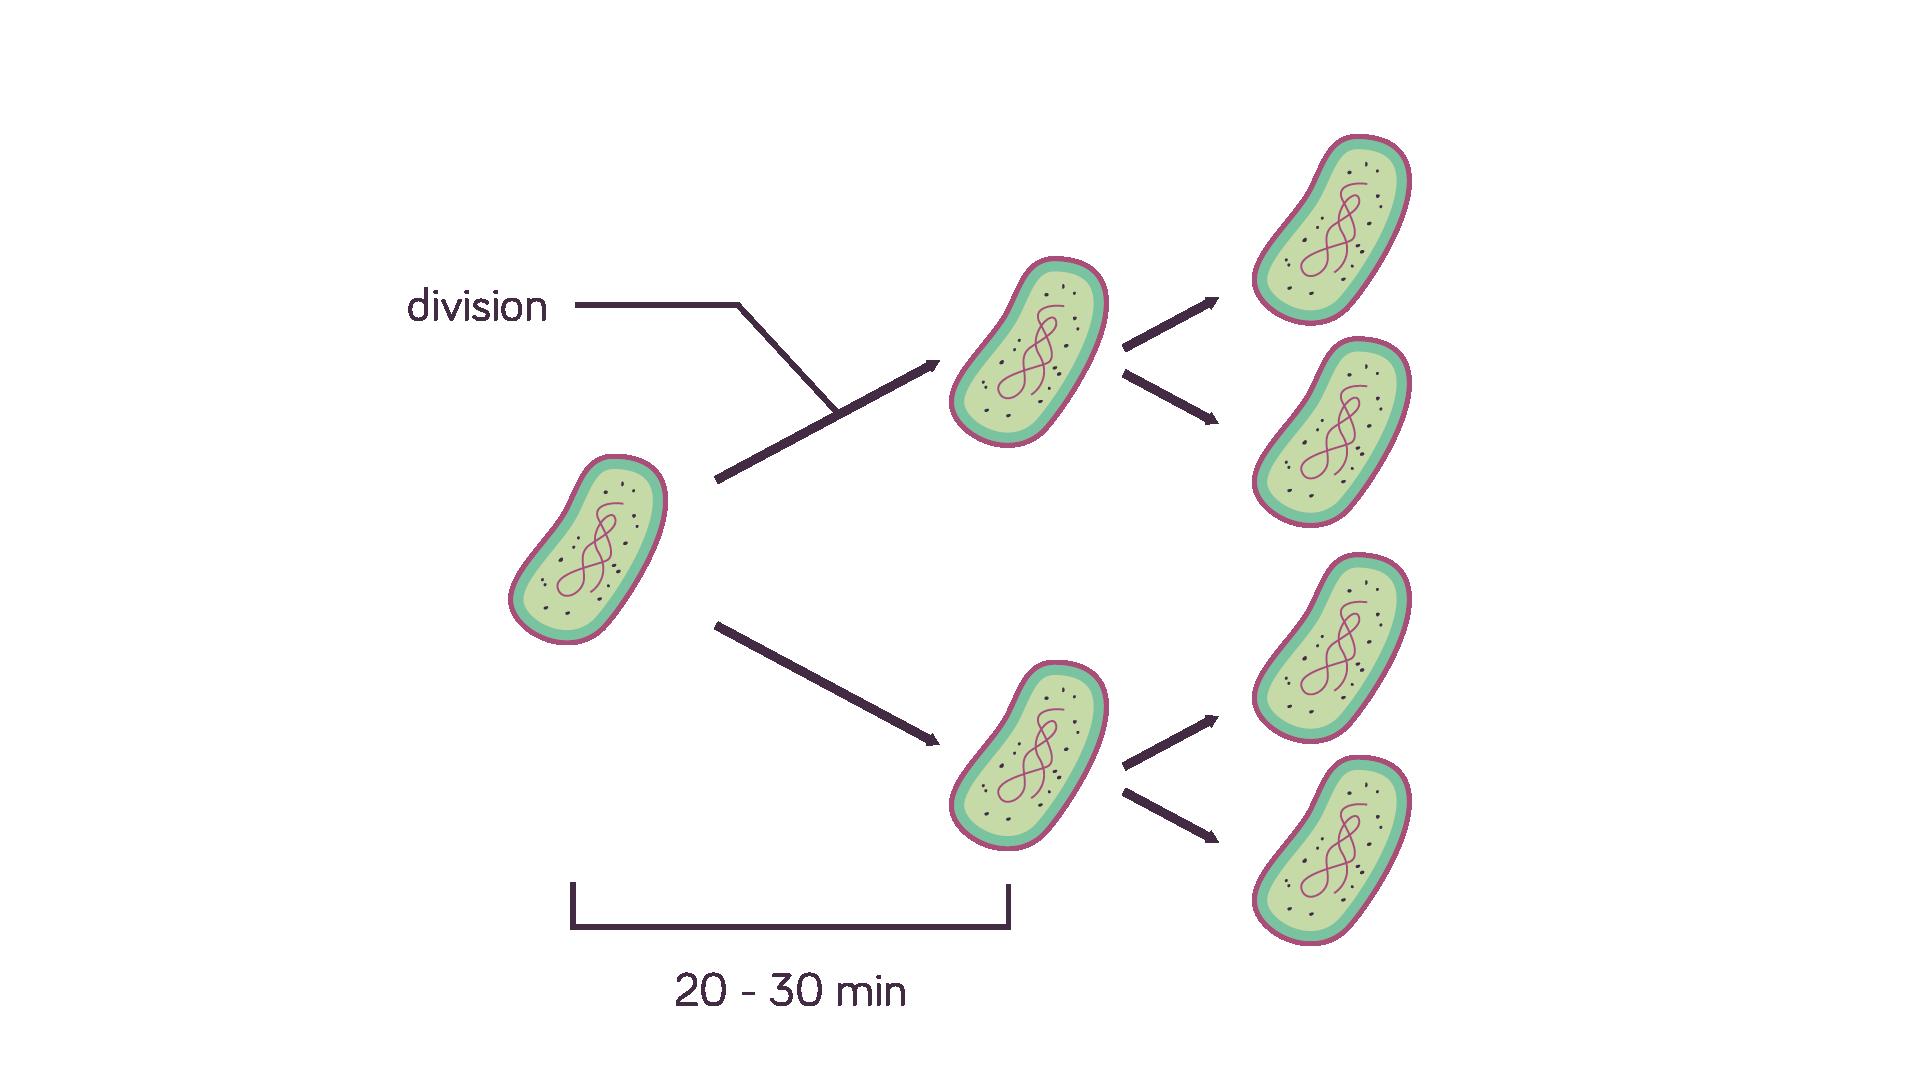 Division cellulaire de bactéries sciences première